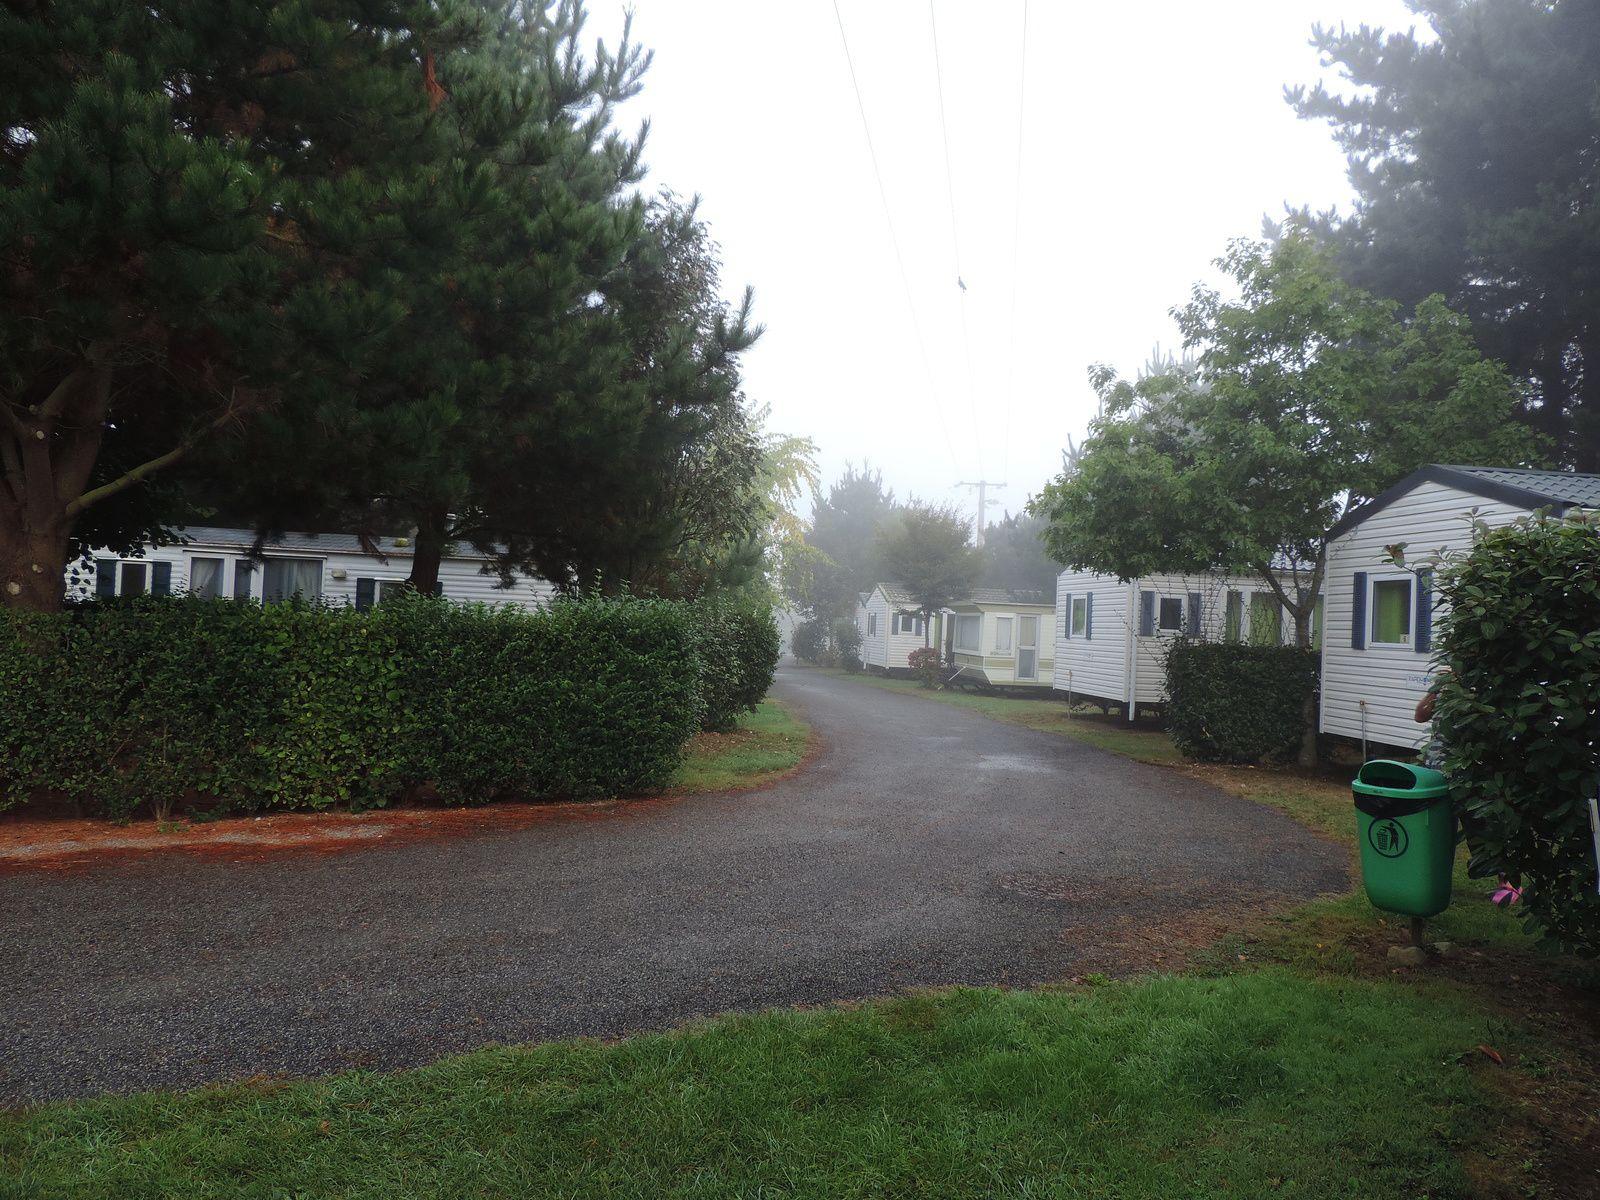 une des allées, tôt le matin sous le brouillard de septembre